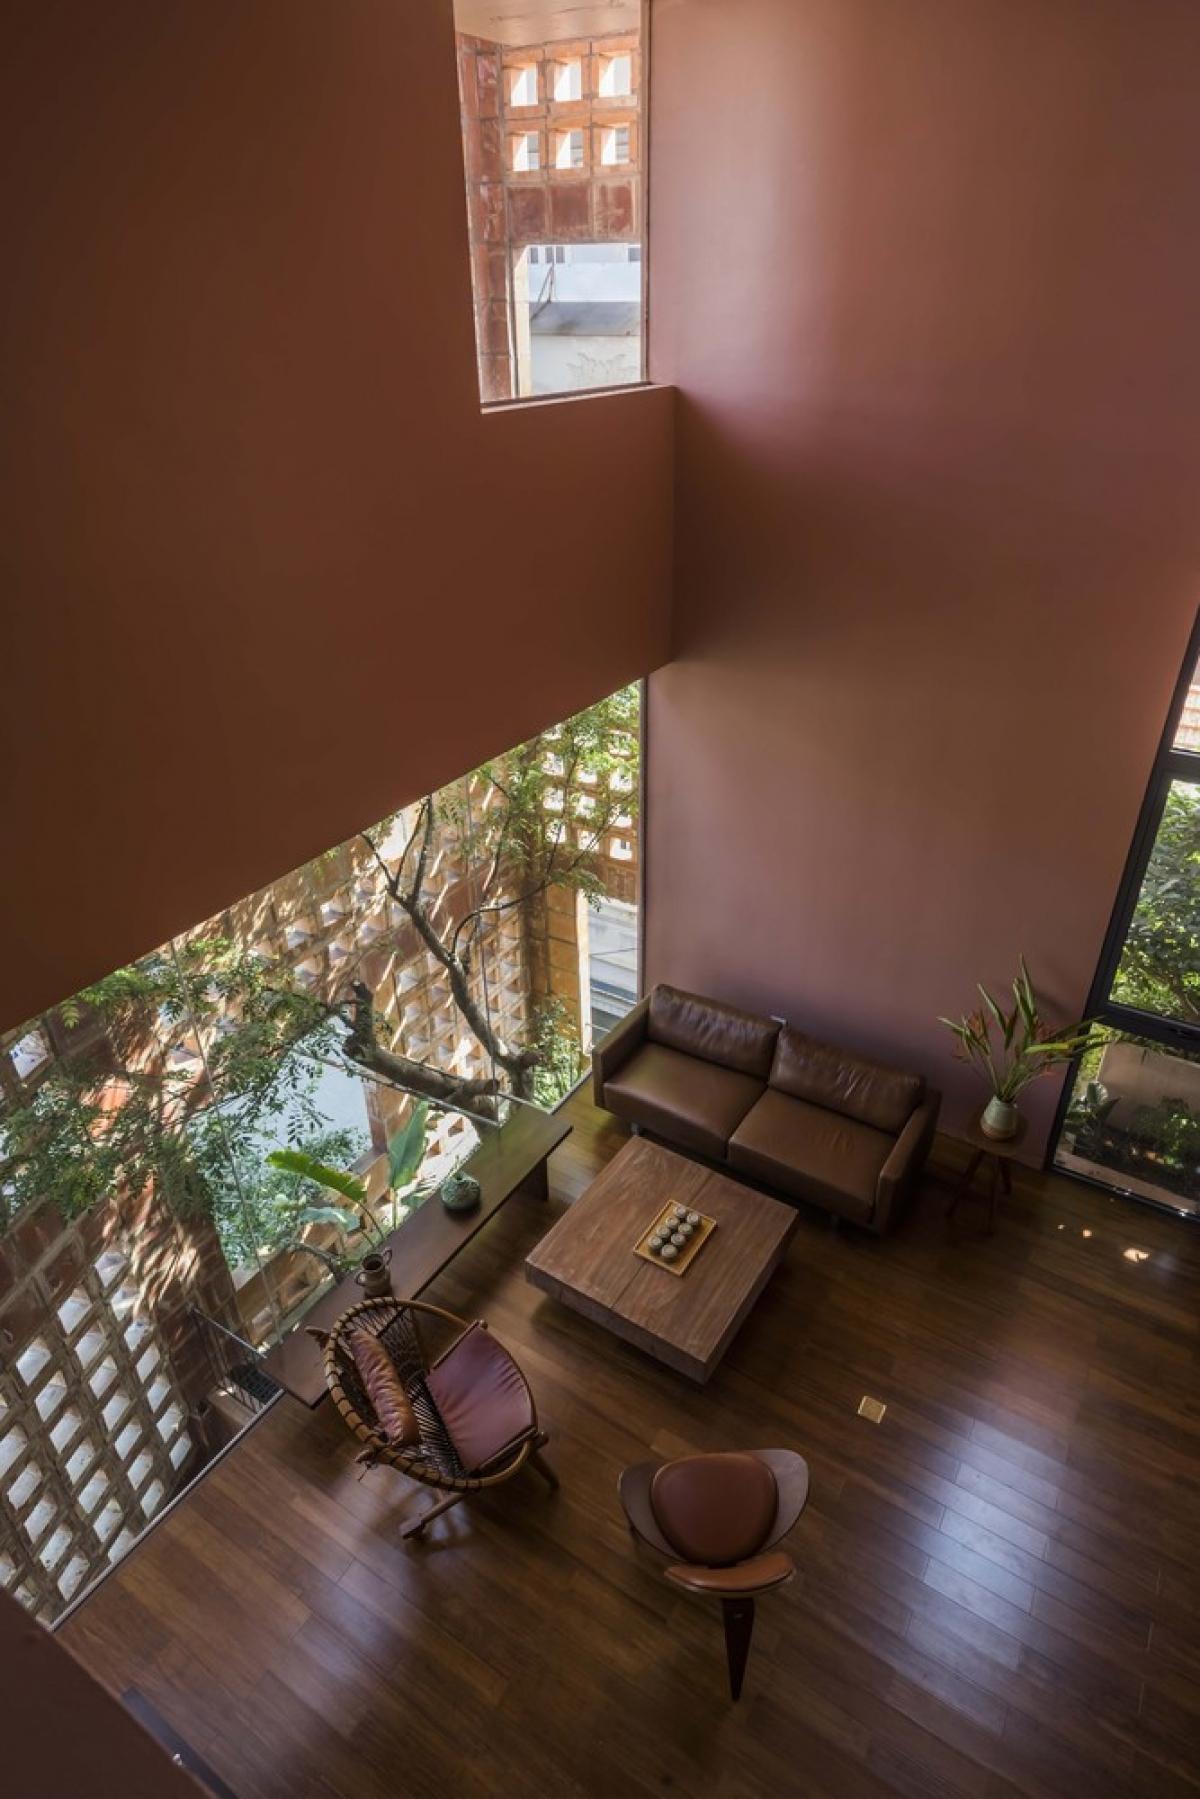 Đằng sau lớp gạch gốm là hệ cây xanh với những cây thân cao vươn tán lá rợp qua những ô cửa sổ lớn.